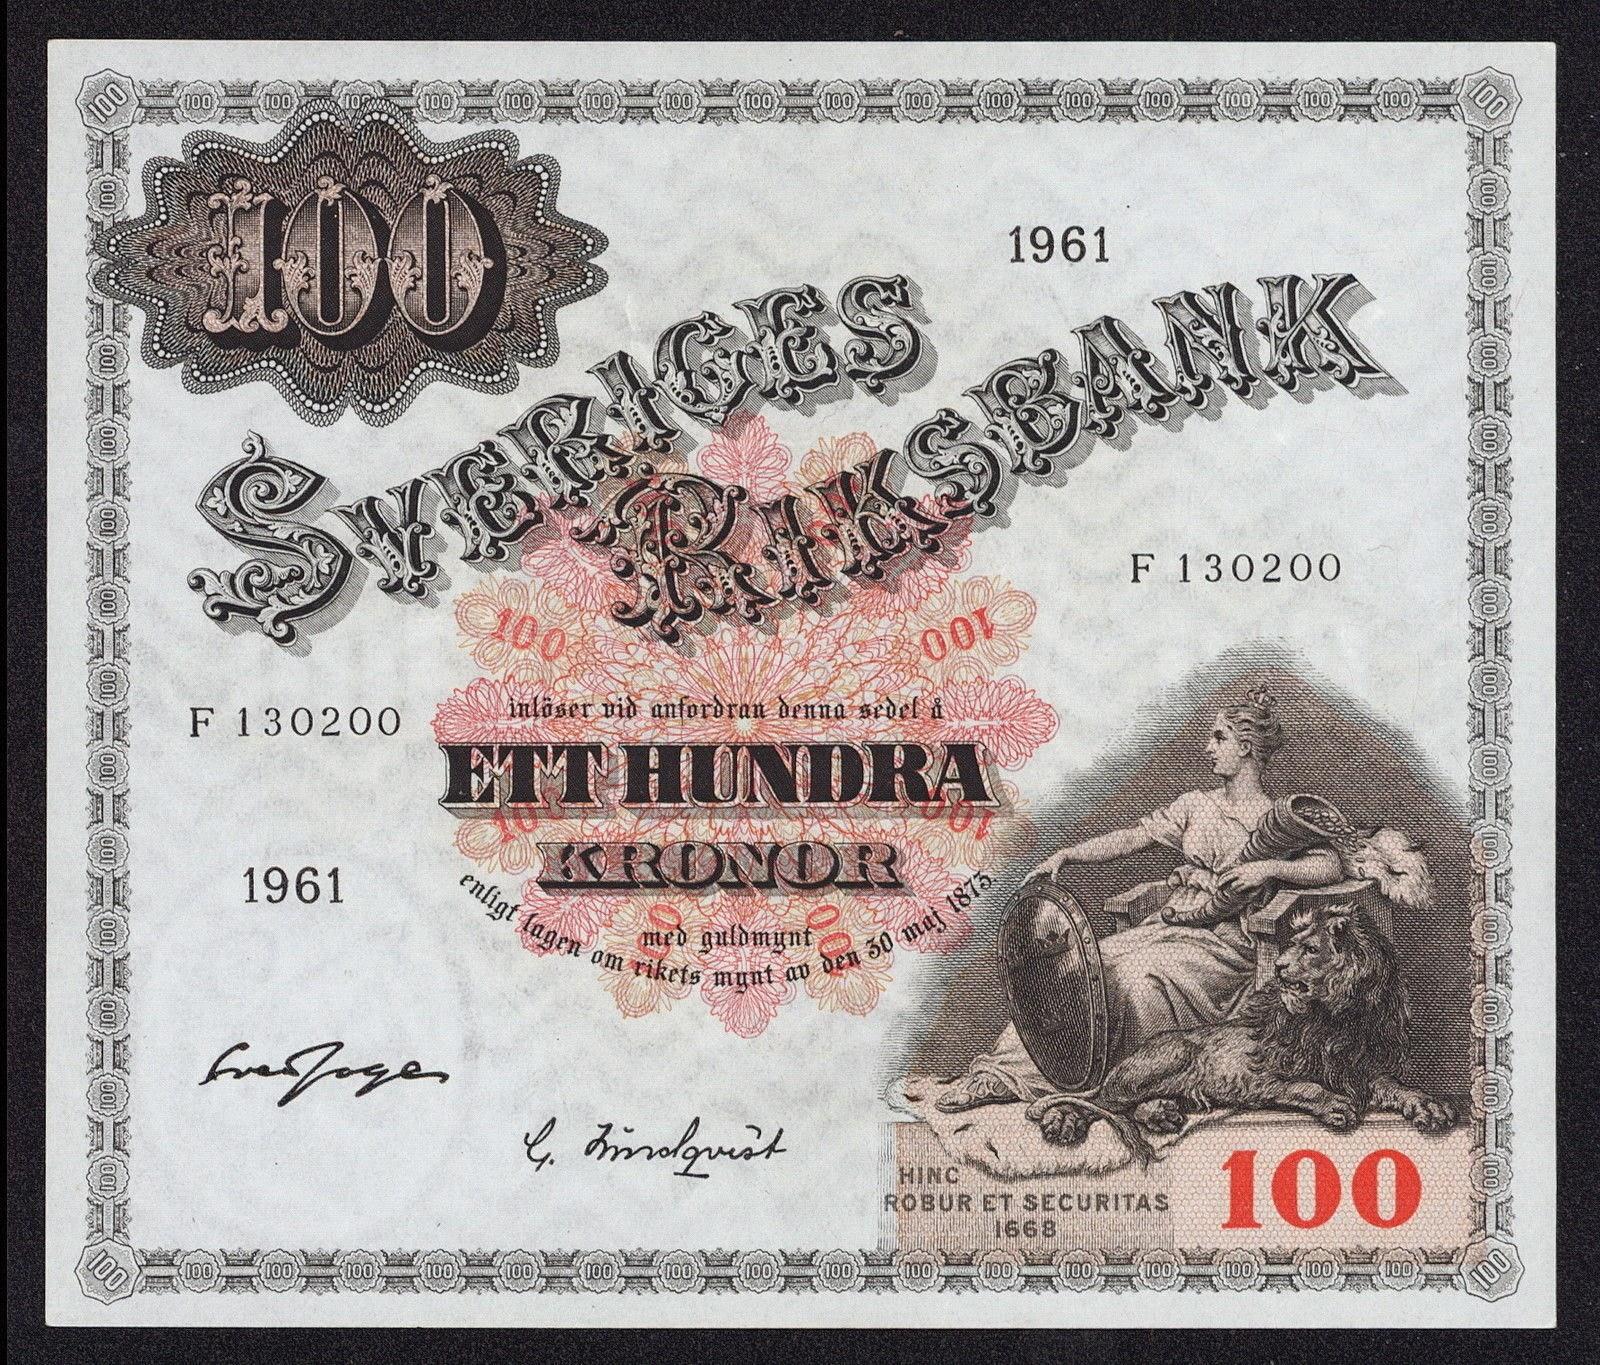 Sweden Banknotes 50 Kronor banknote 1950 Mother Svea